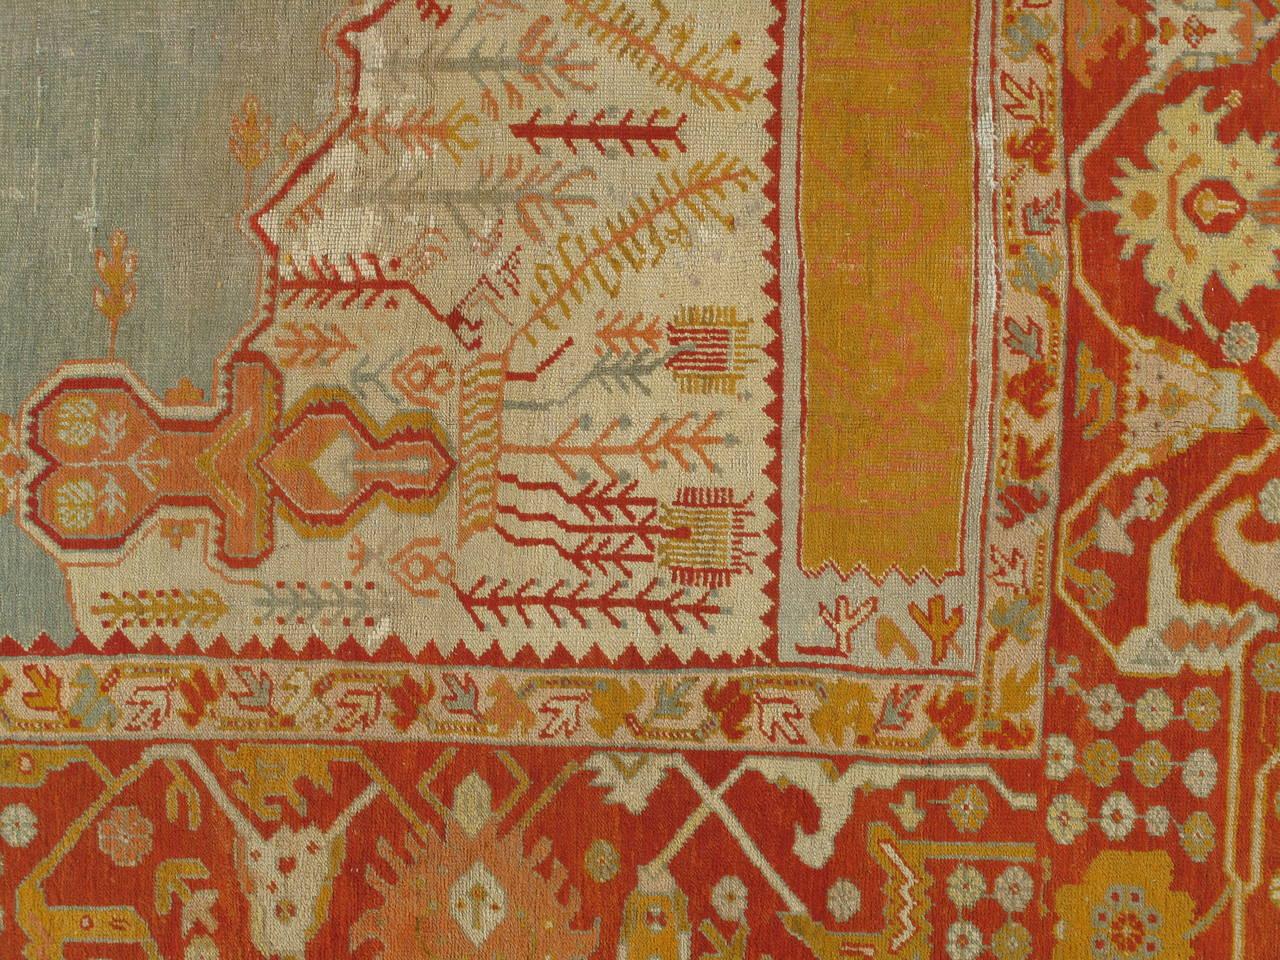 Antiker Handgefertigter Orientalischer Oushak Teppich in Hellgrün, Gelb, Koralle 4